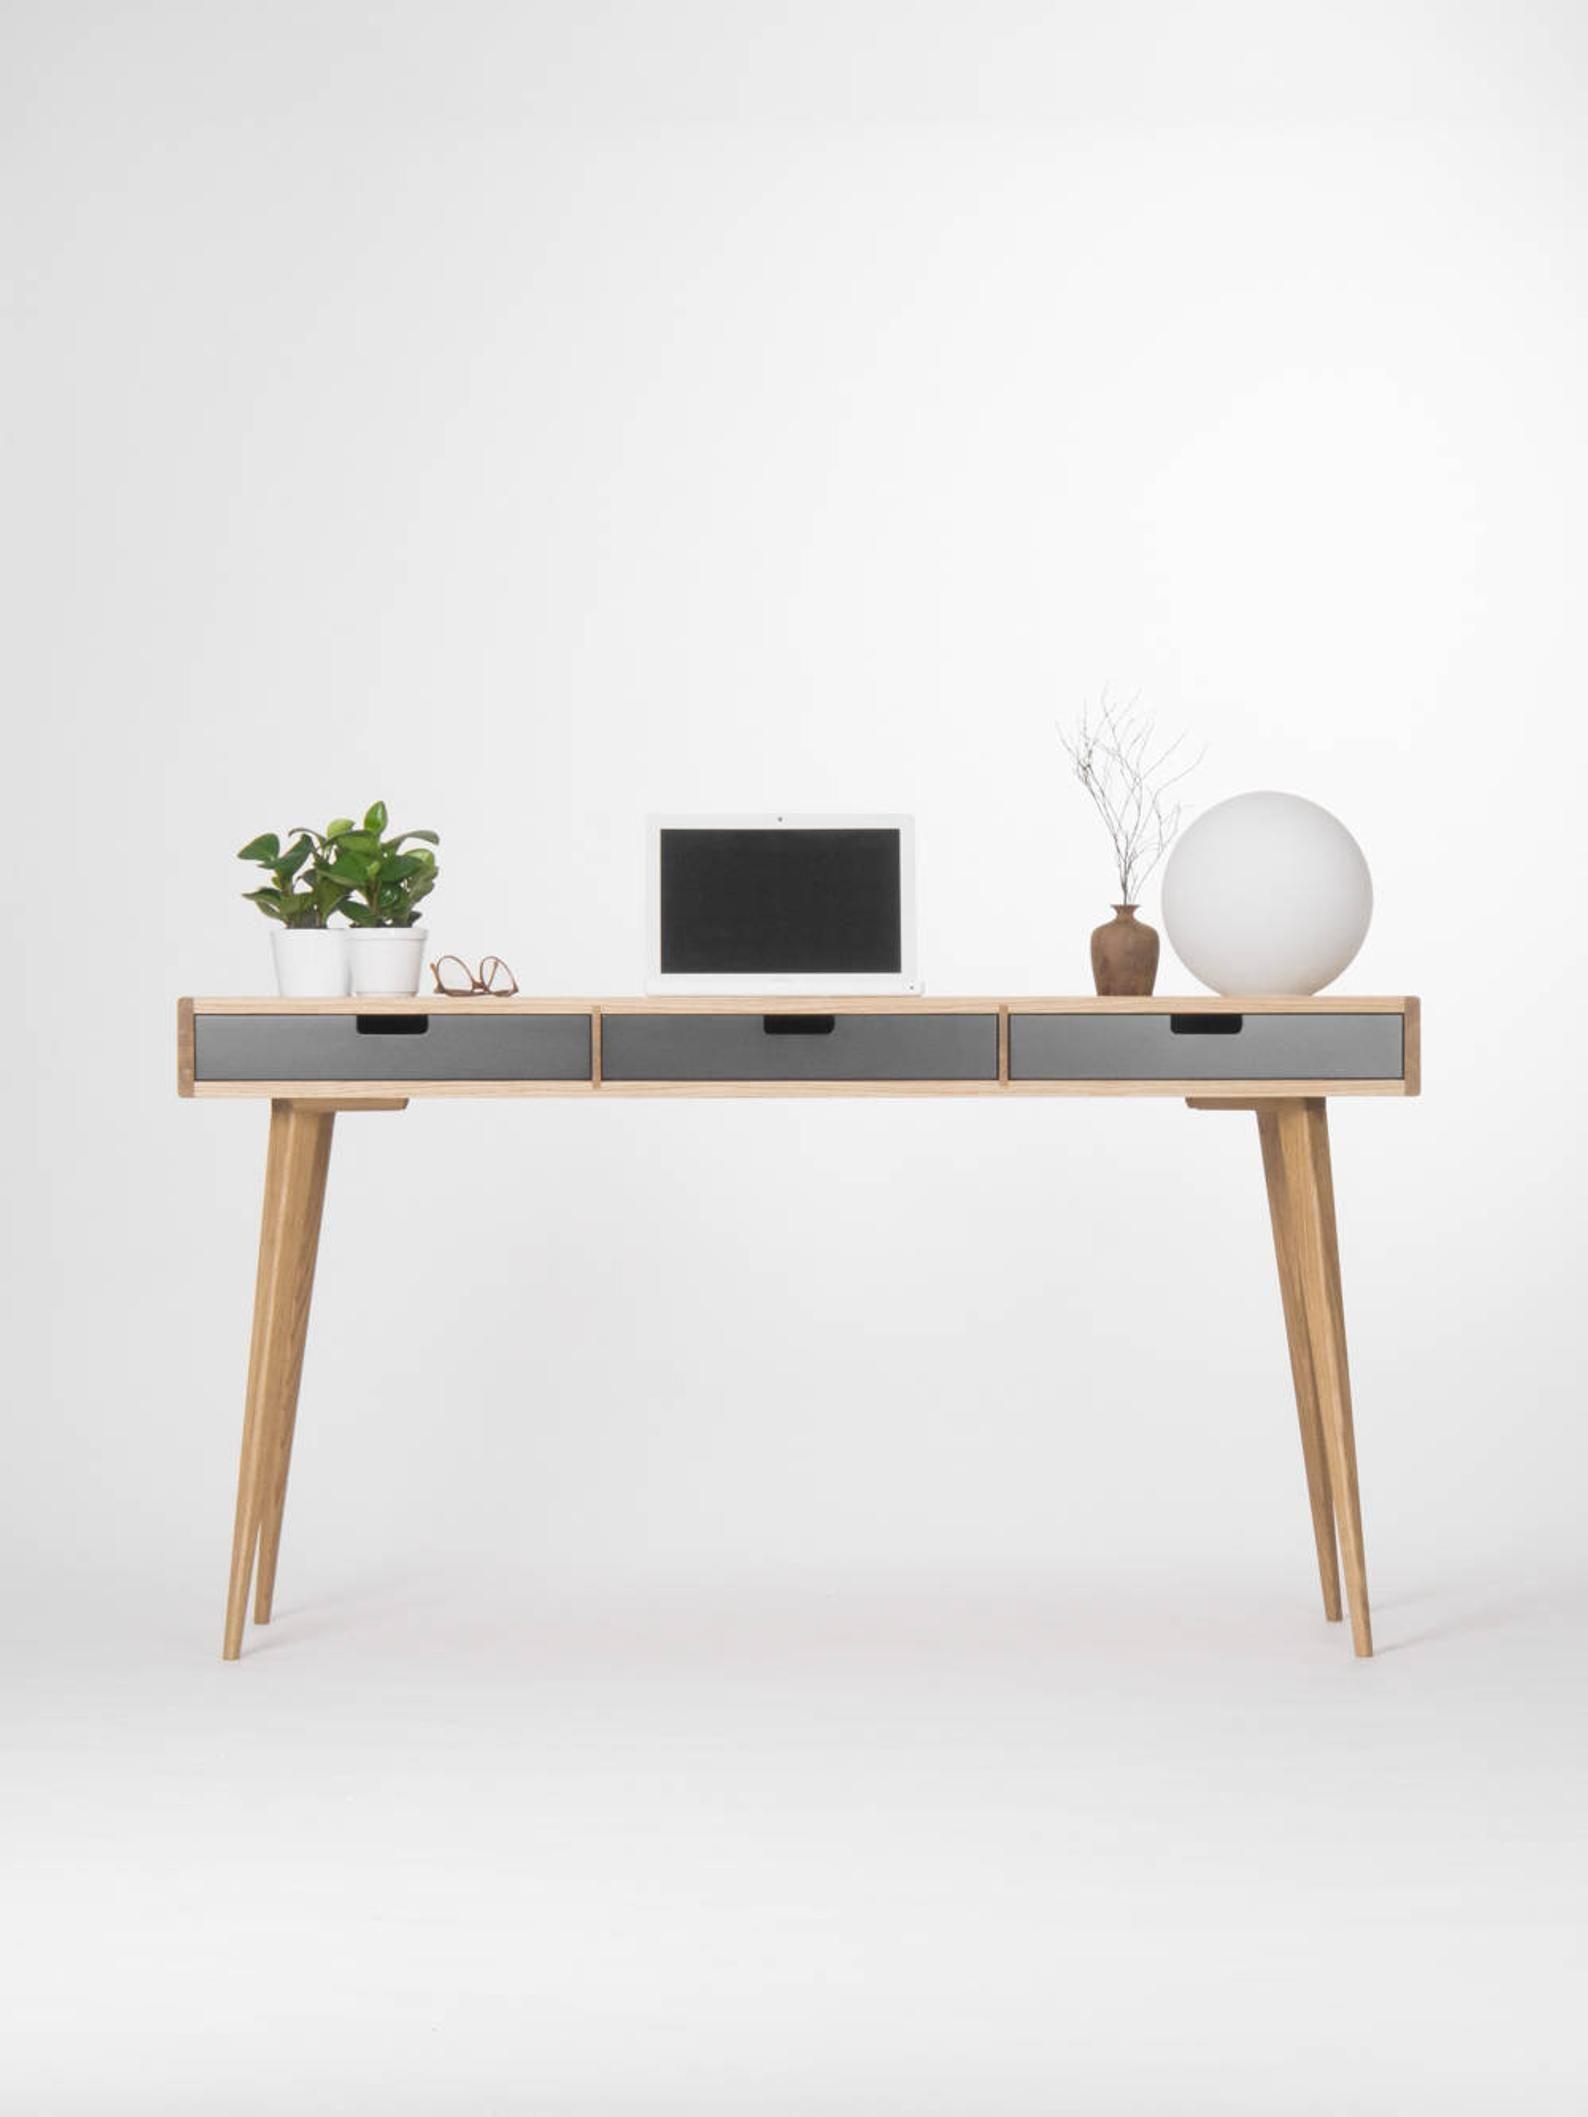 White Black Office Desk Modern 55 In 2020 Black Desk Office Modern Desk Office Desk